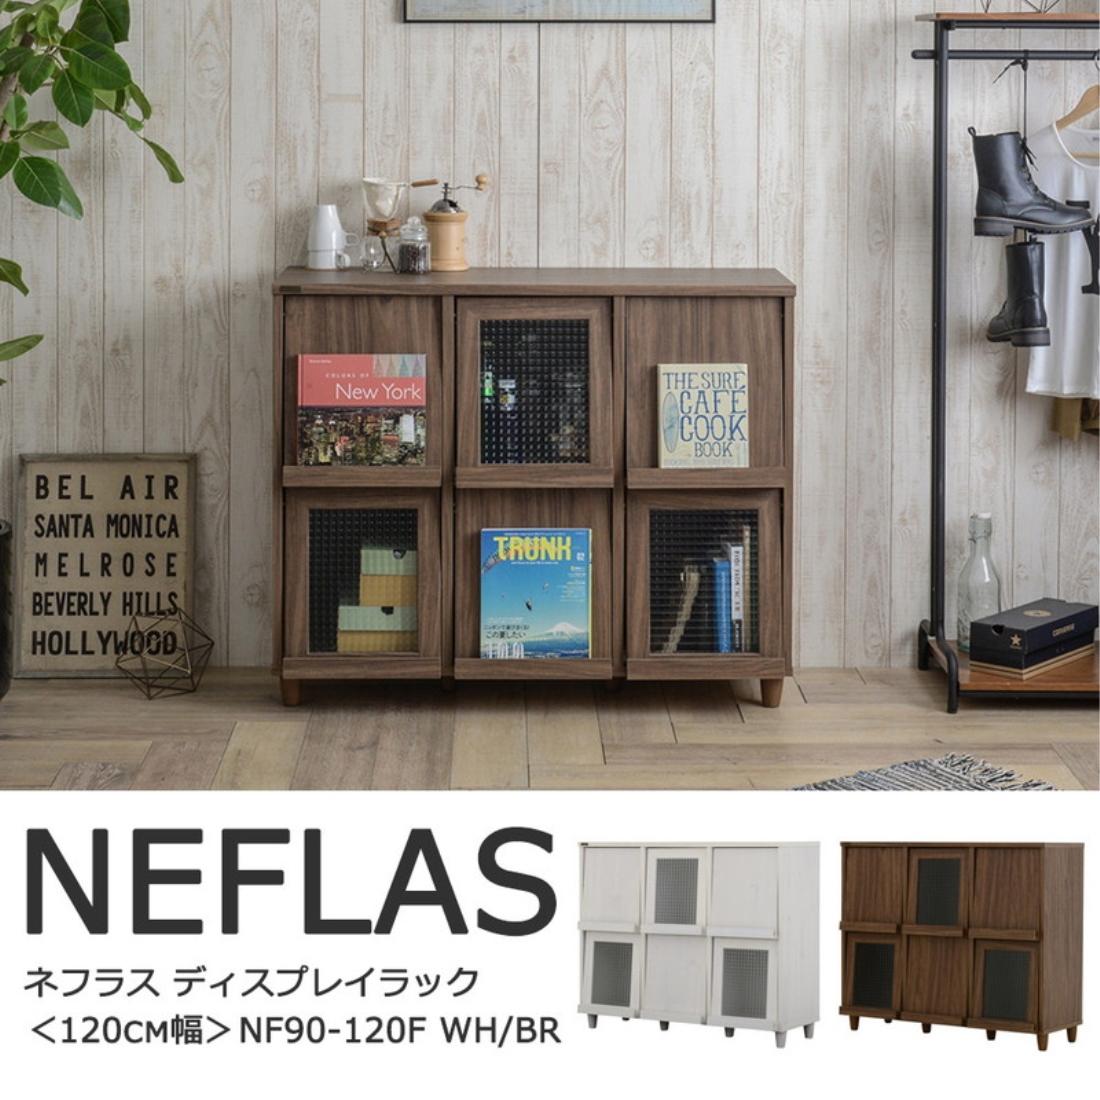 飾り 収納 飾り戸棚 NEFLAS(ネフラス)ディスプレイラック(120cm幅)WH/BR